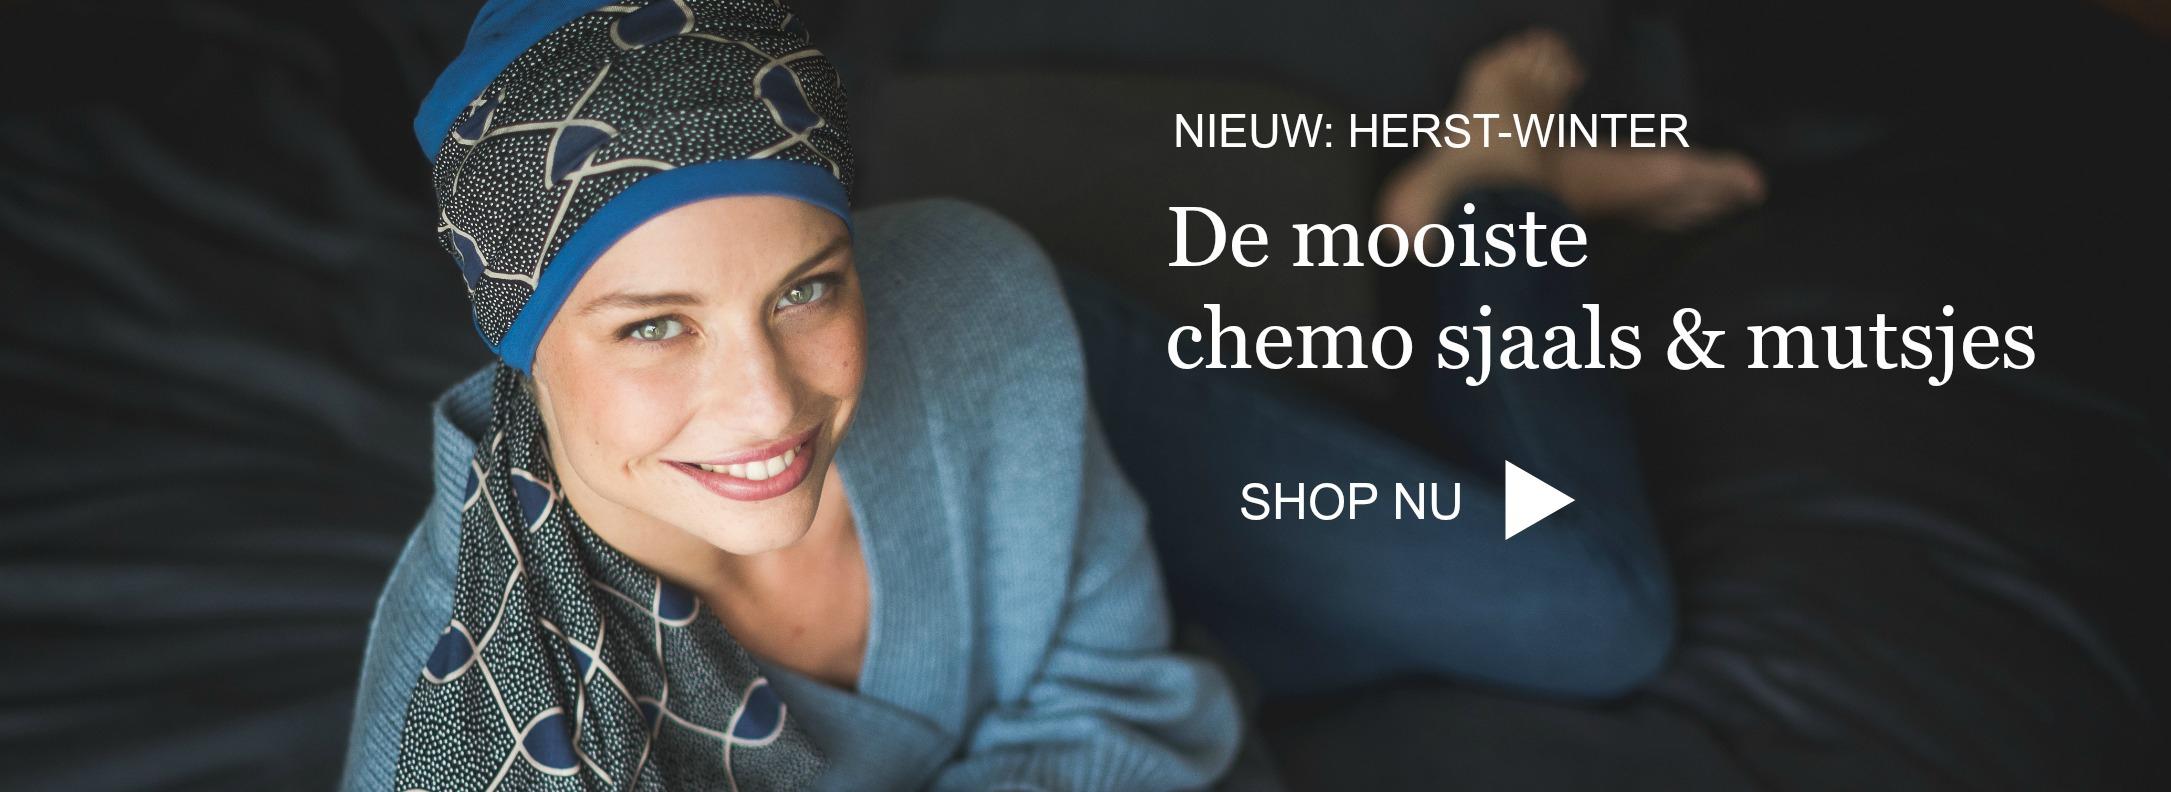 Nieuwe chemo sjaals & mutsjes